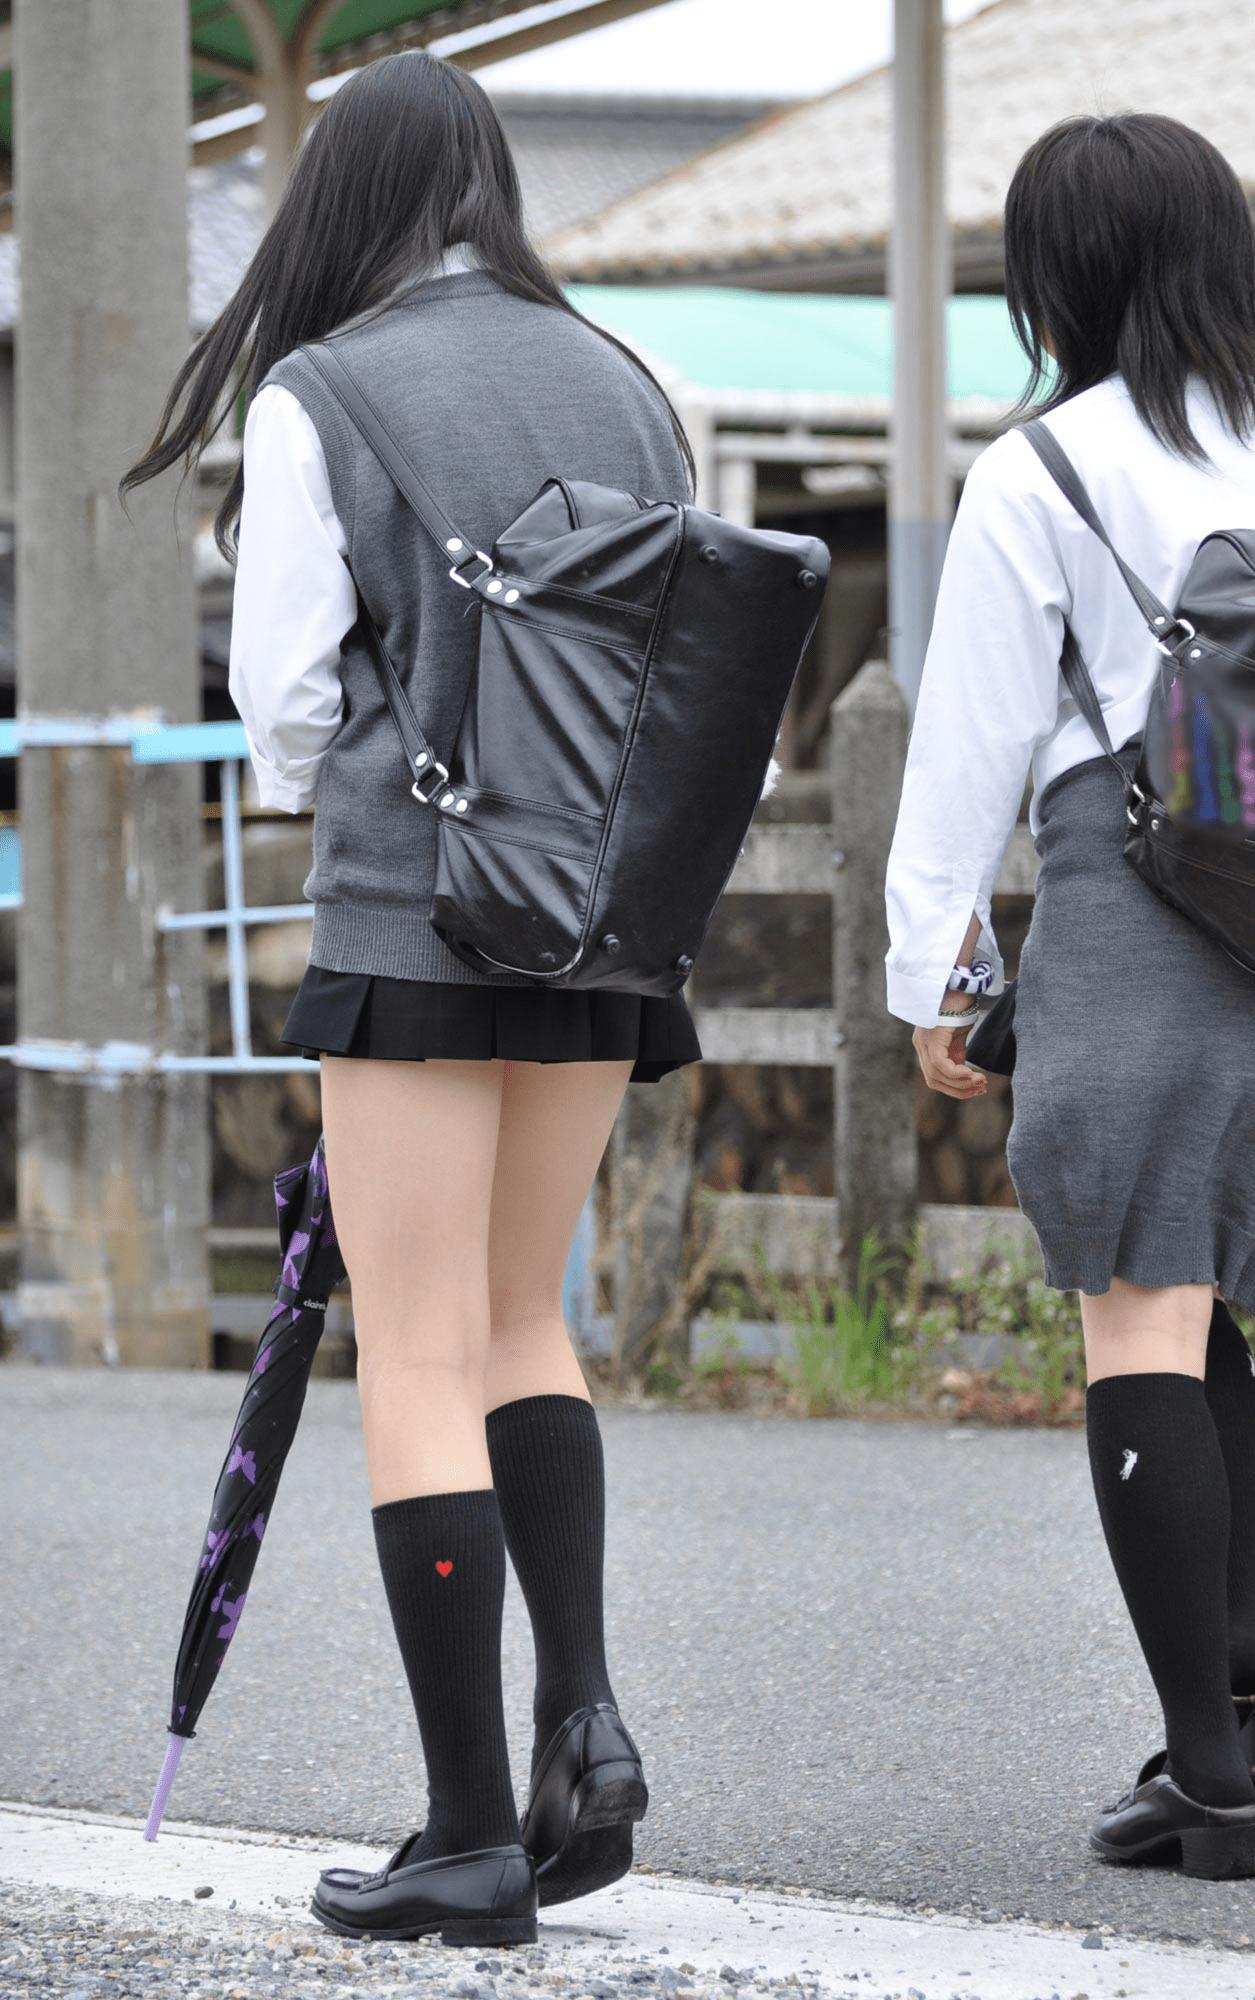 img 5fa7a7042a54a - 【街撮り】女子高生のミニスカートからのび降りる二本の太もも!【画像40枚】